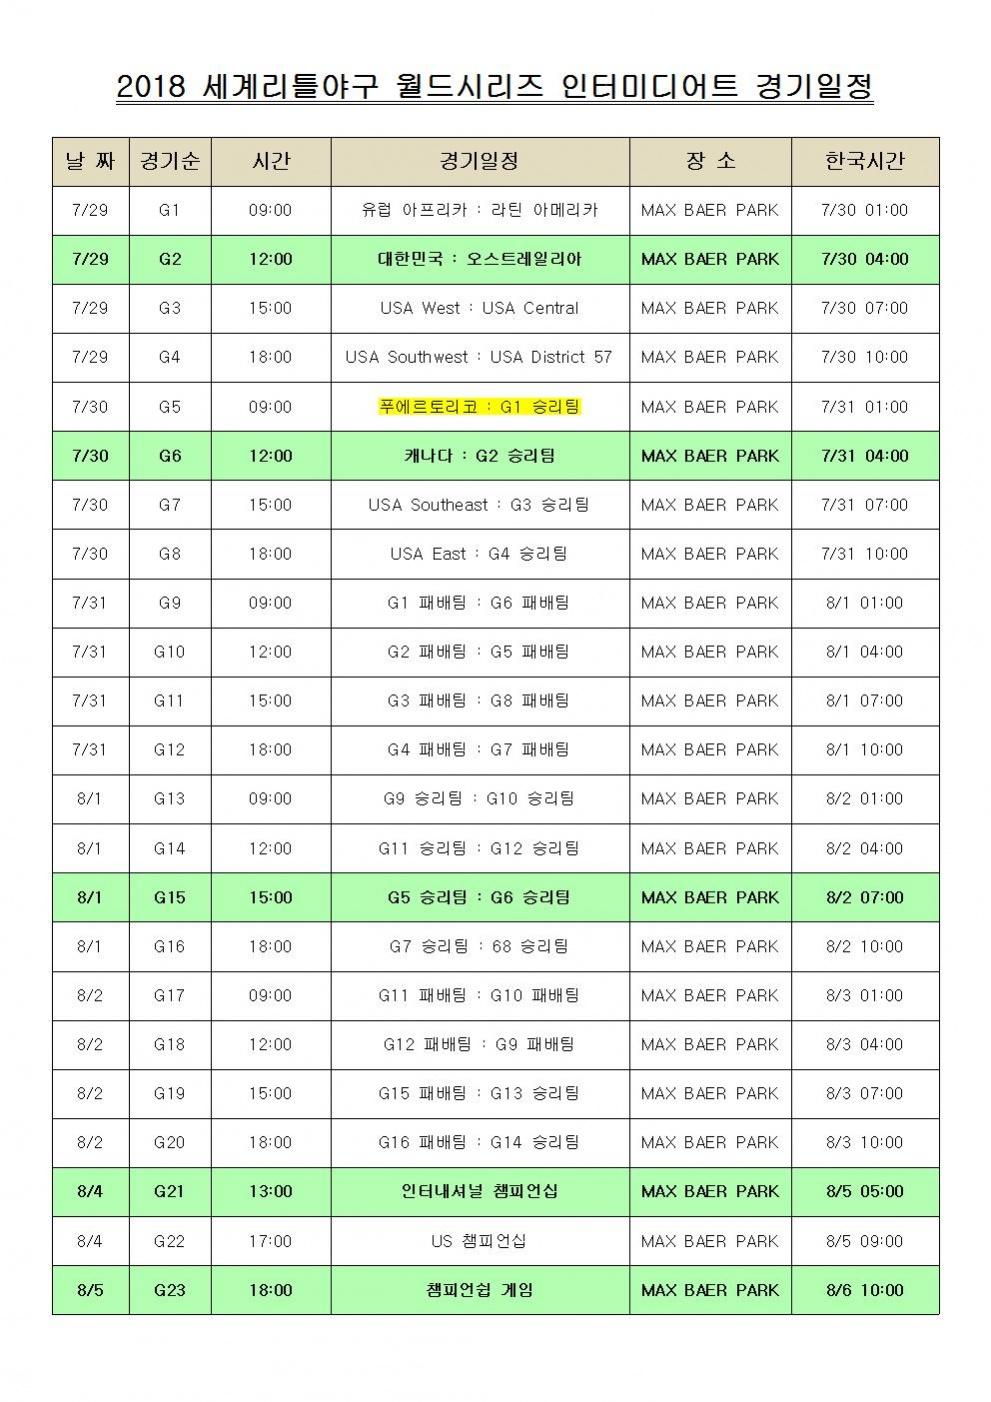 2018 월드시리즈 인터미디어트 경기일정001.jpg